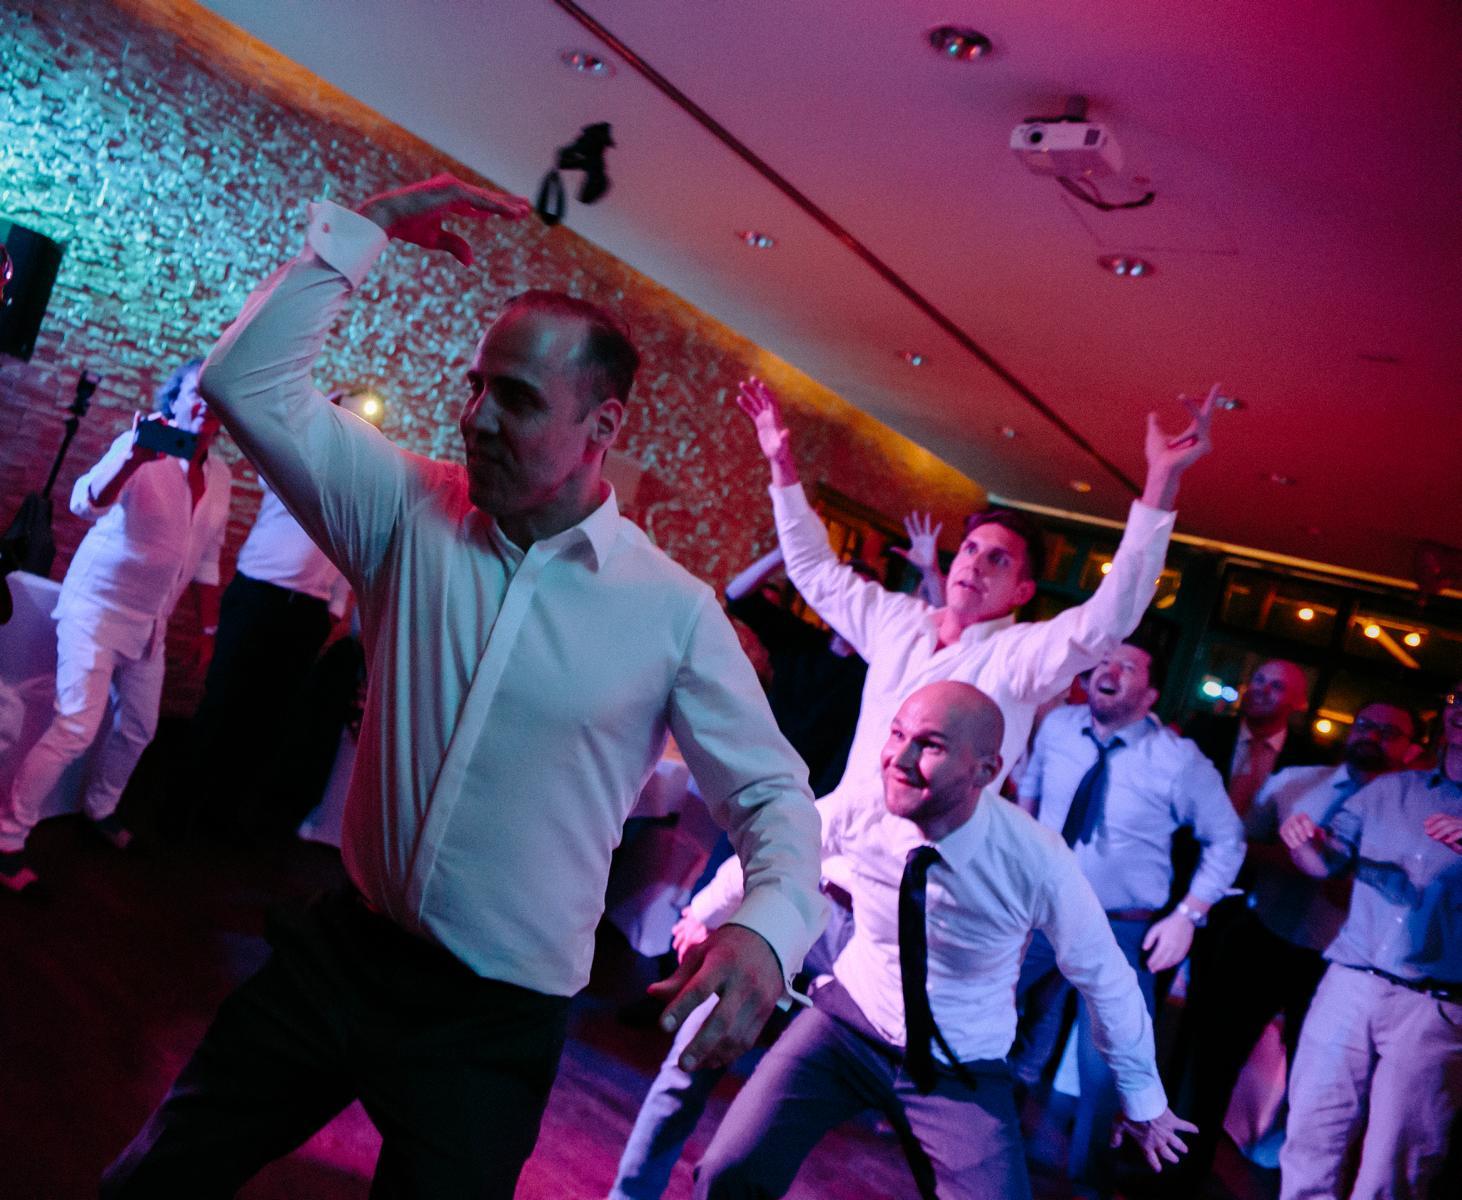 Bräutigam wirft Strumpfband bei Hochzeitsfeier in Berlin